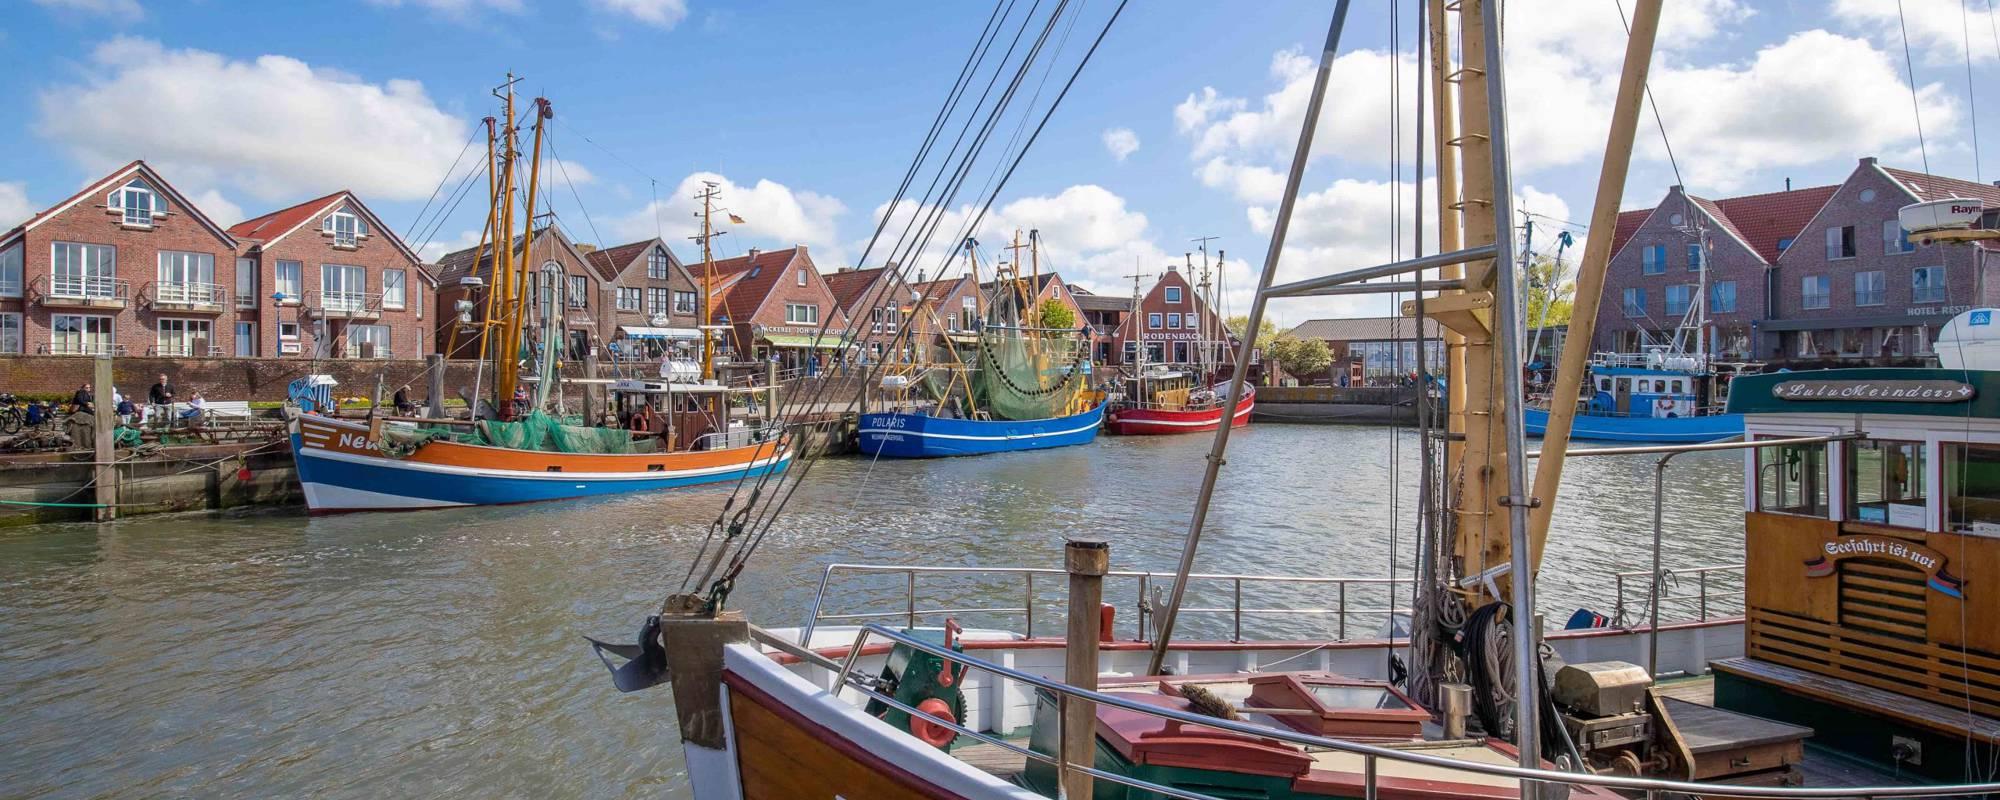 Ansicht vom malerischen Kutterhafen in Neuharlingersiel